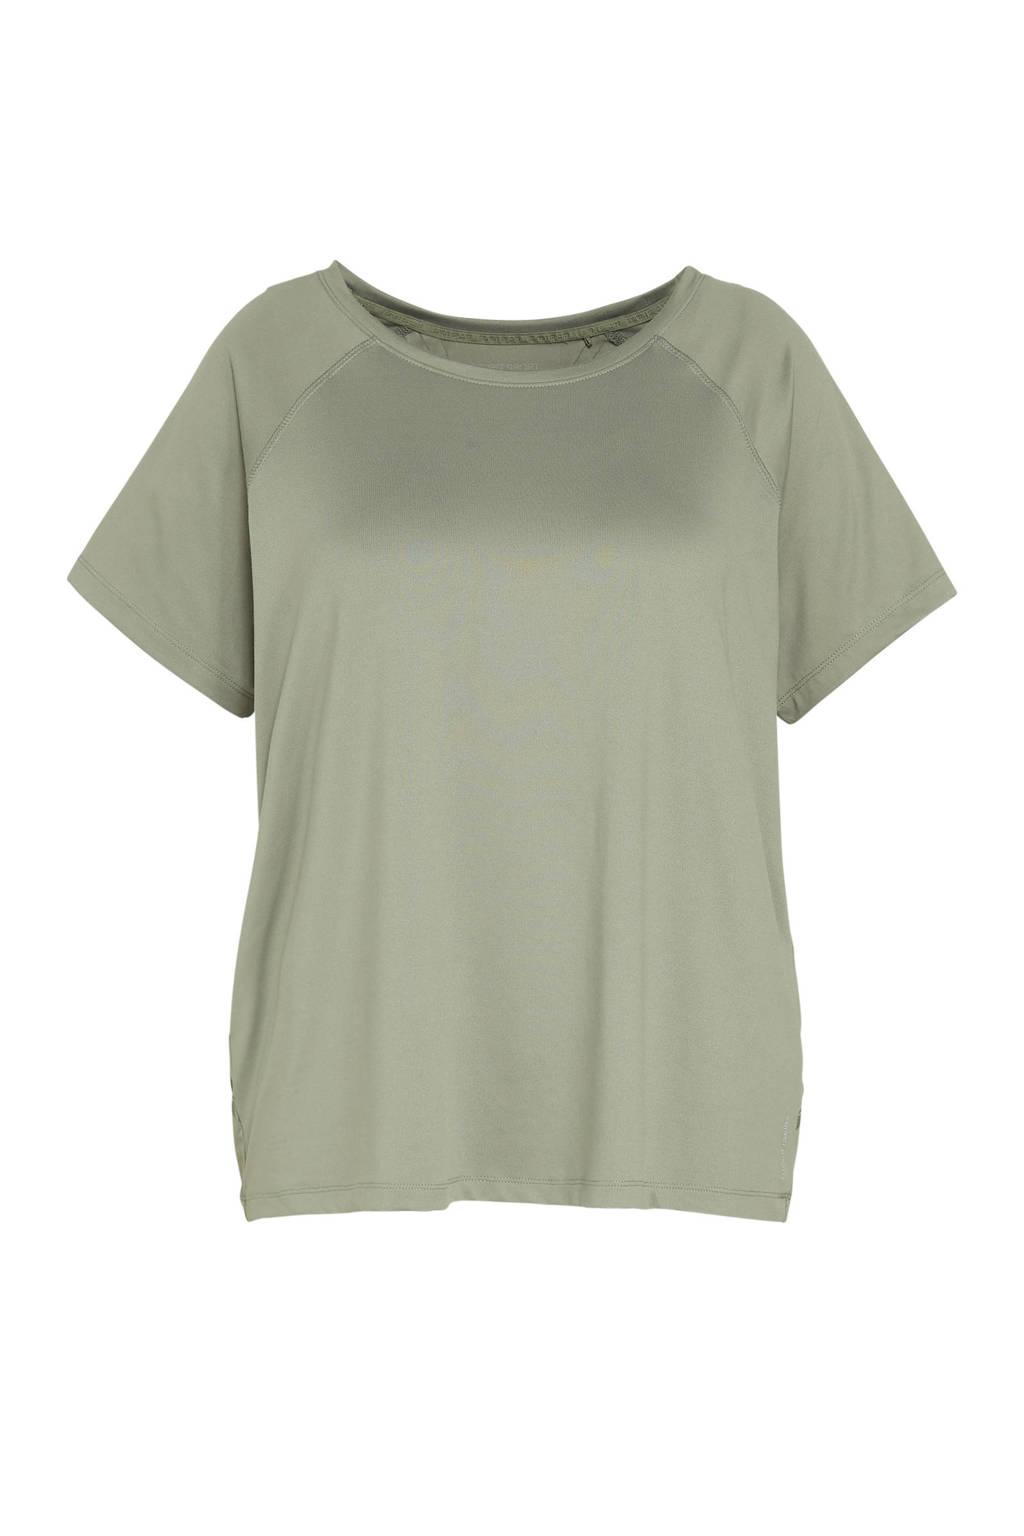 ESPRIT Women Sports Plus Size sport T-shirt groen, Groen